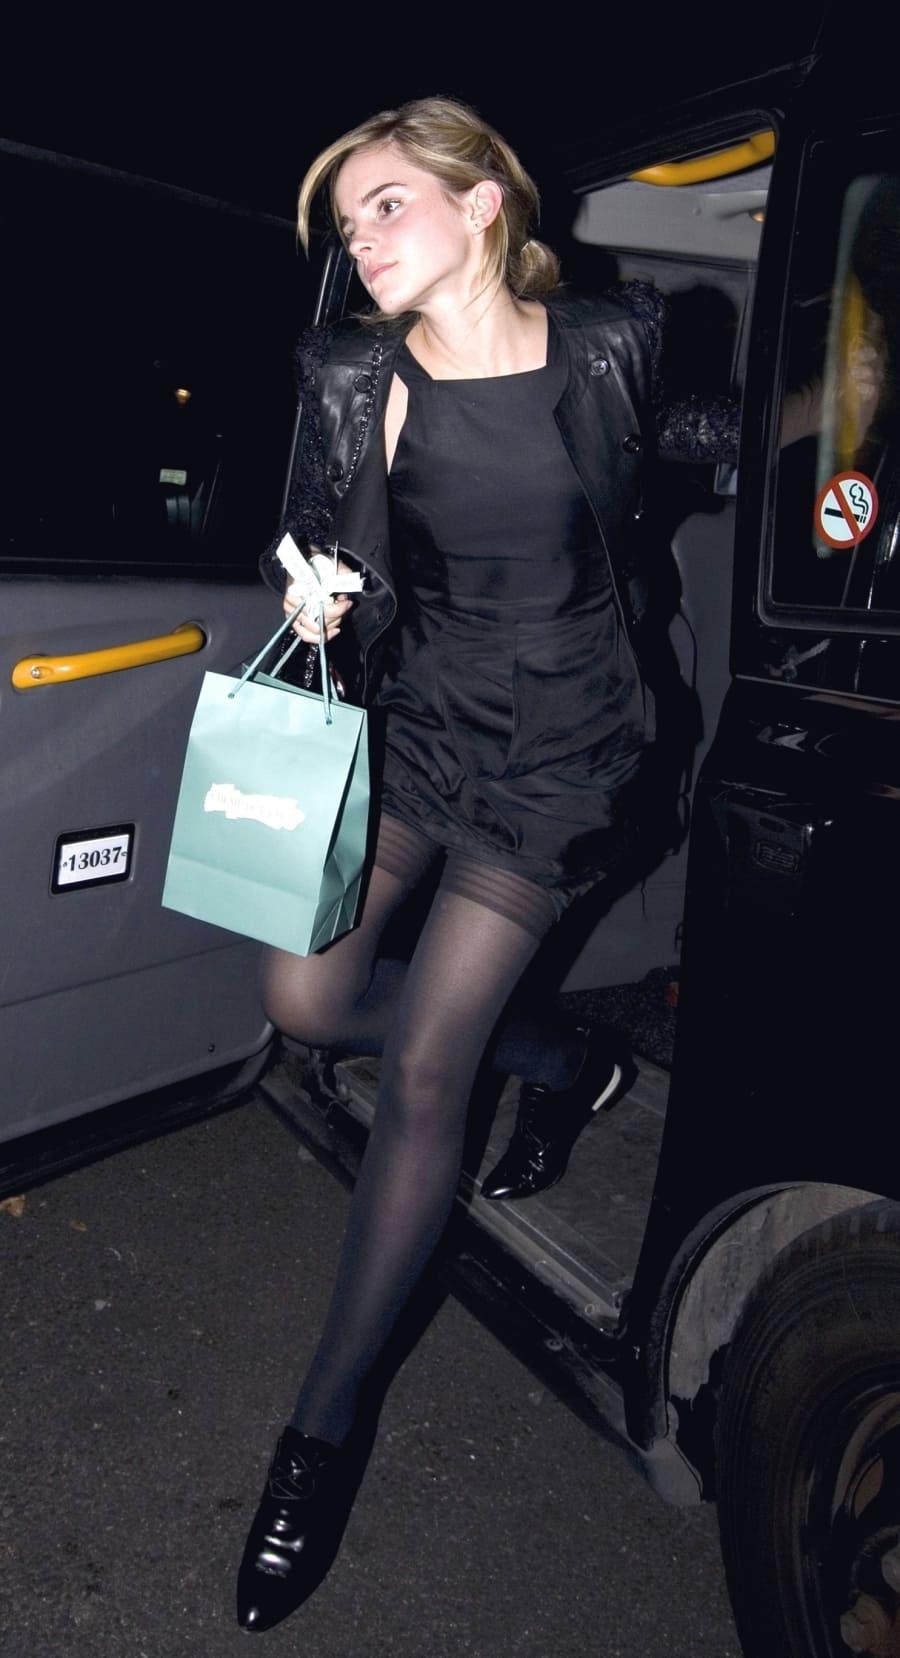 эмма уотсон фото  выходит с машины в чулках в коротком черном платье и кожаном пиджаке